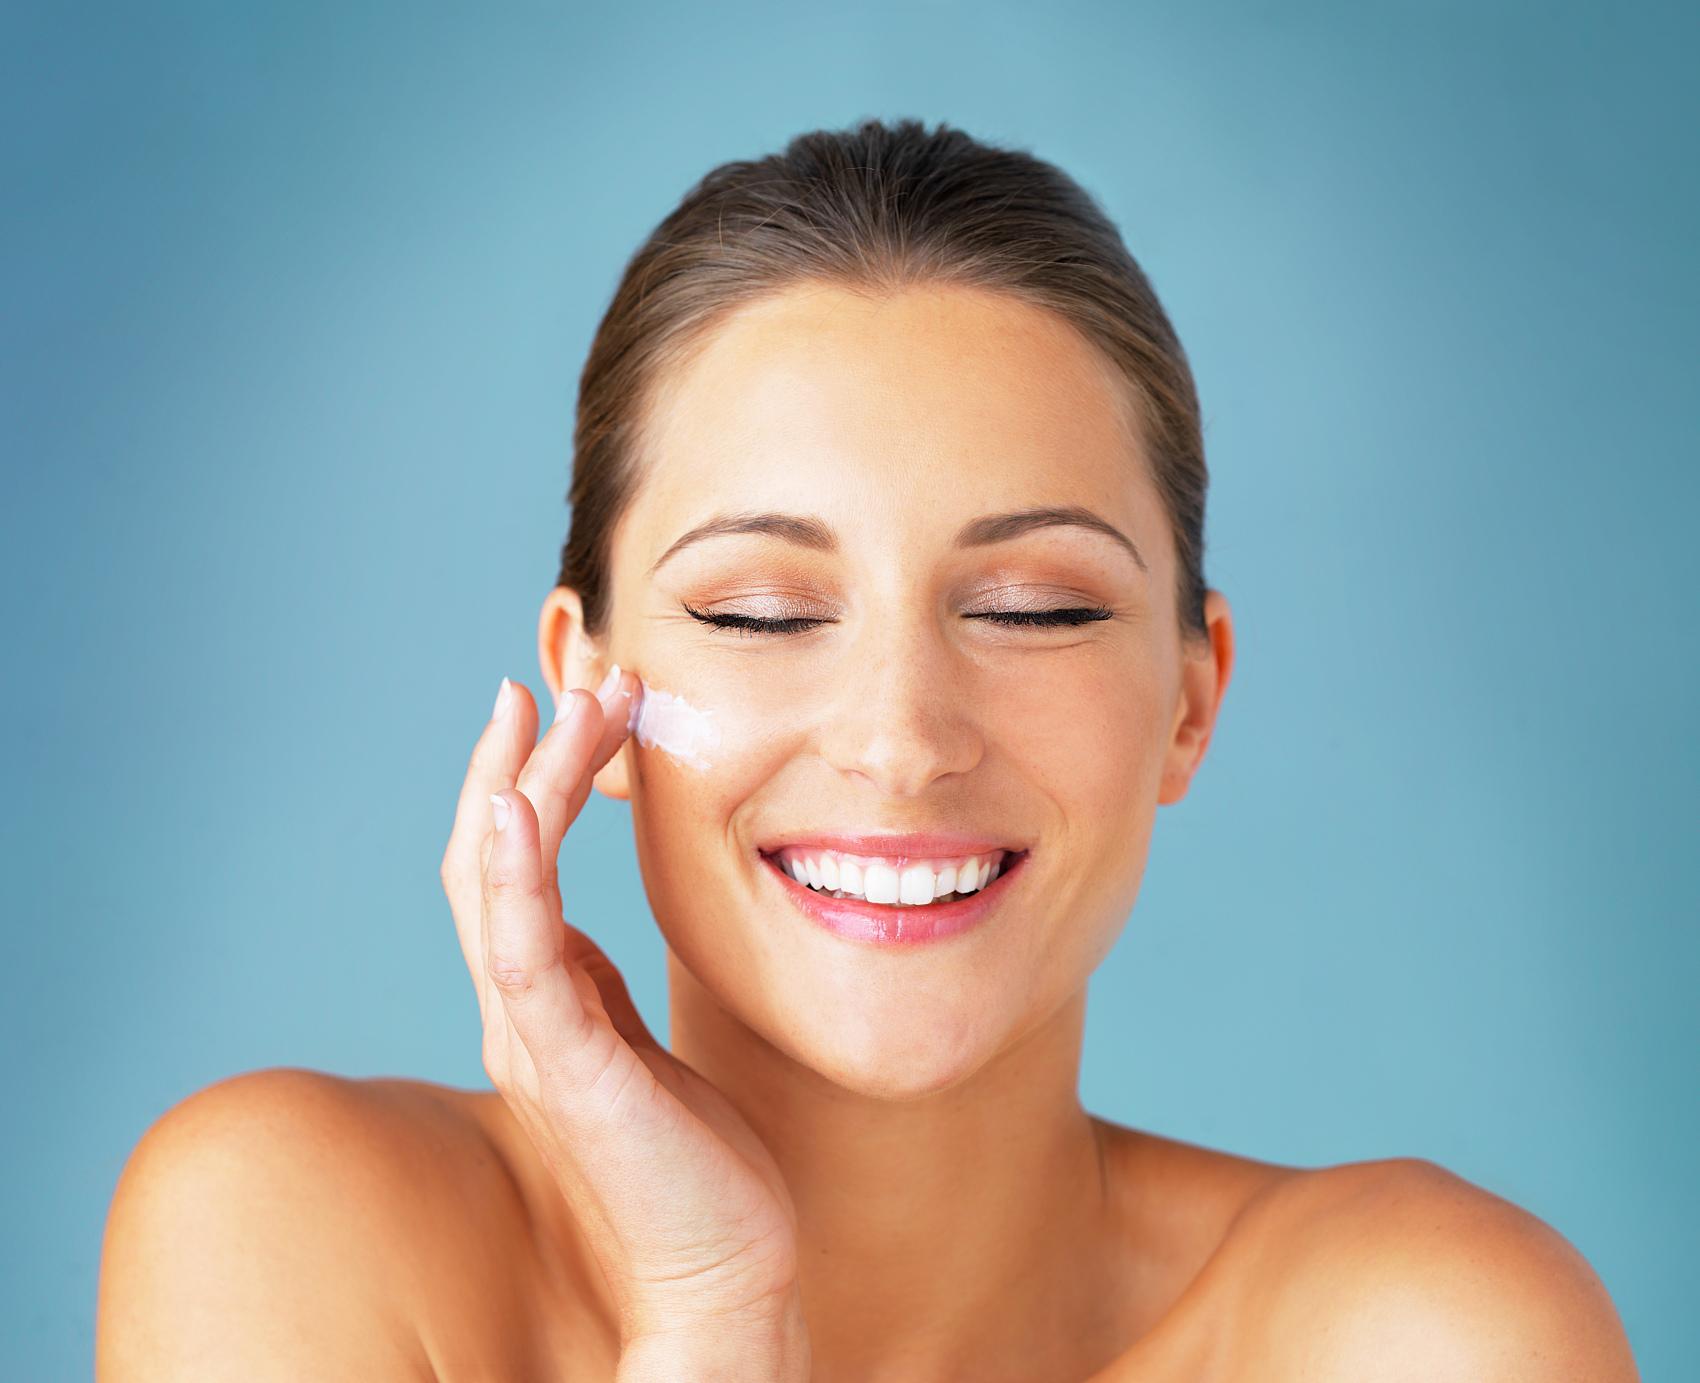 长期光疗皮肤产生耐光性怎么办?